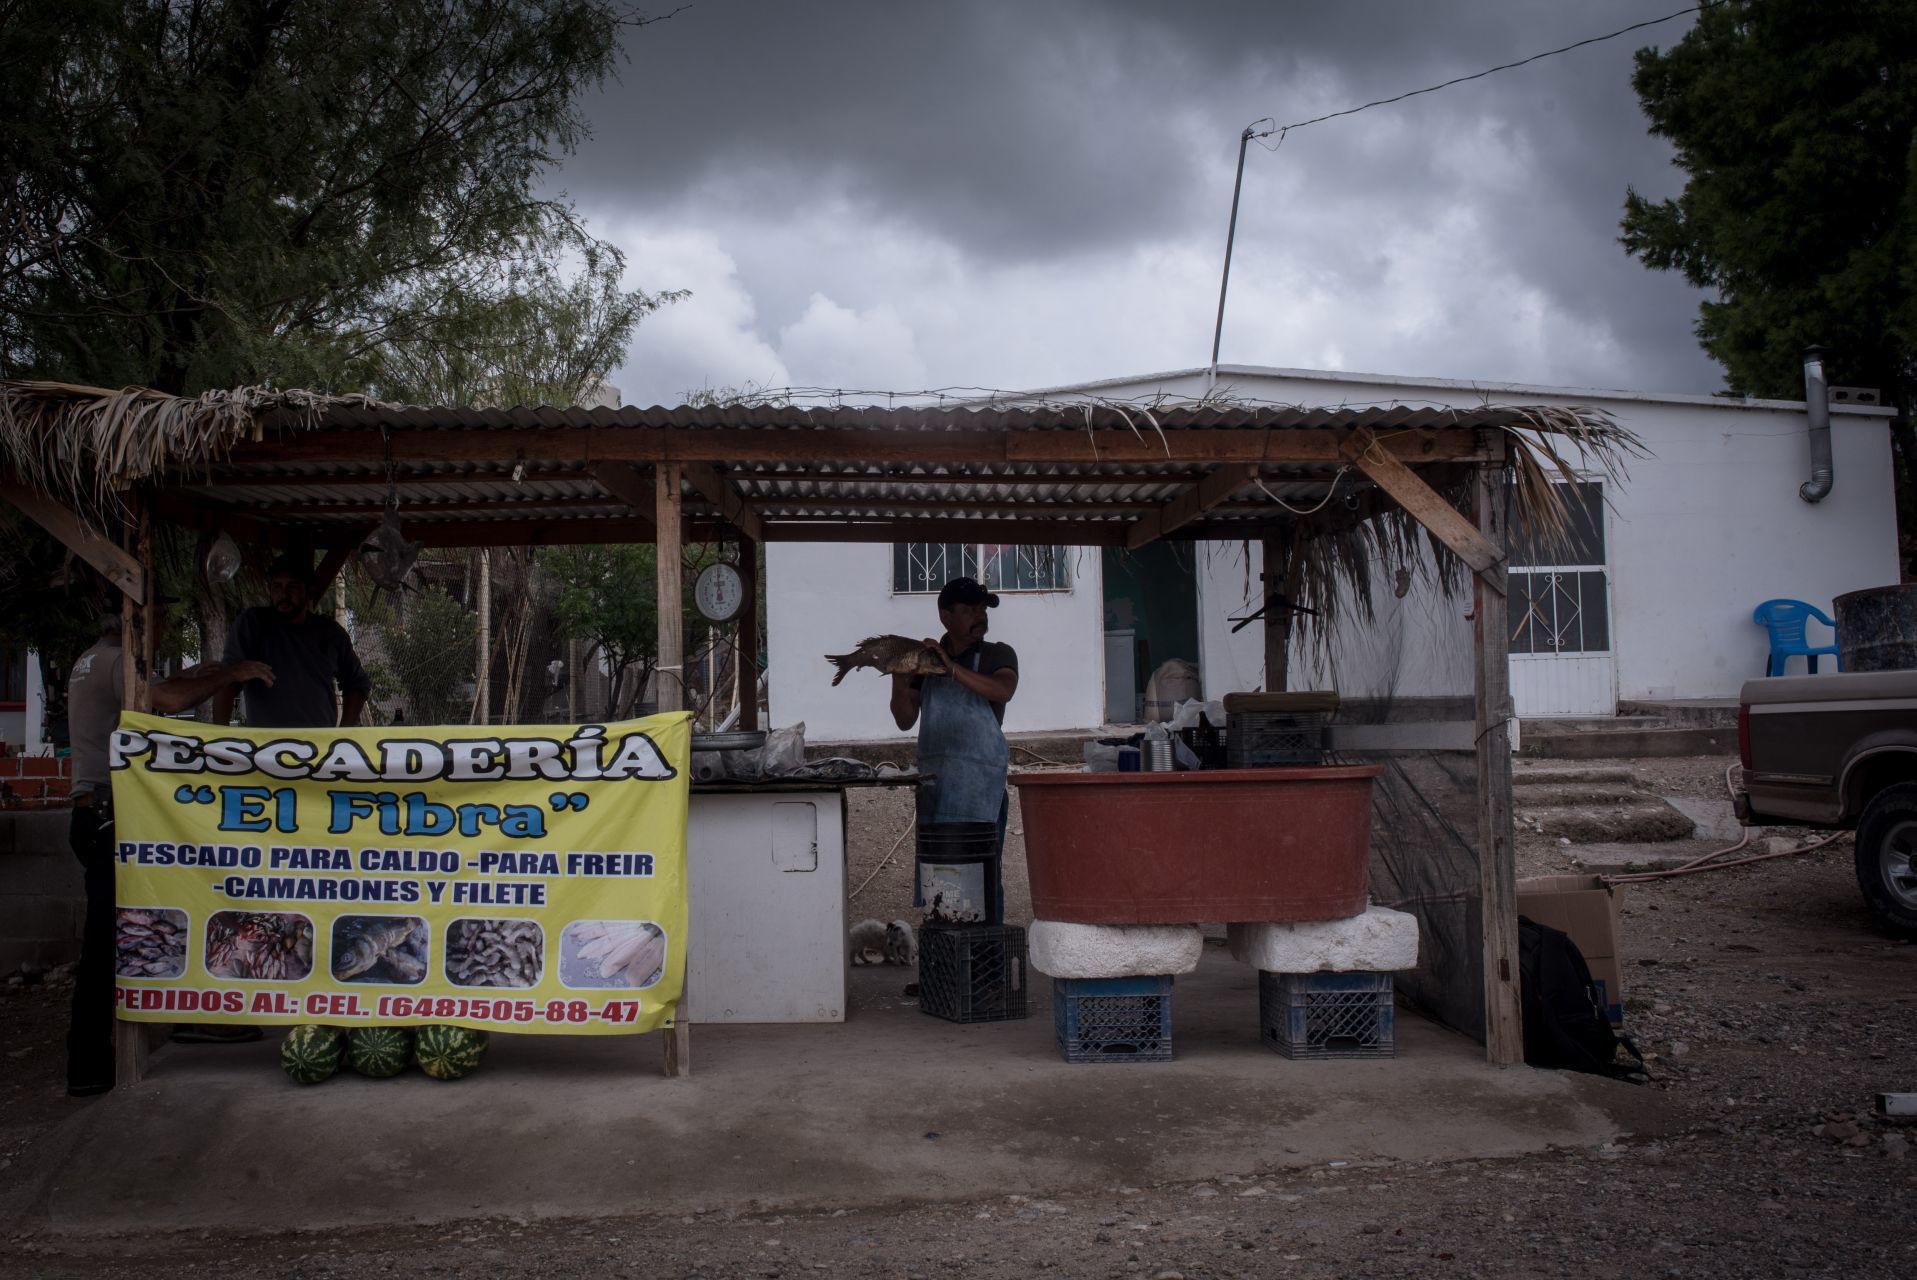 Local de venta de pescado fresco en un poblado a la entrada de la presa